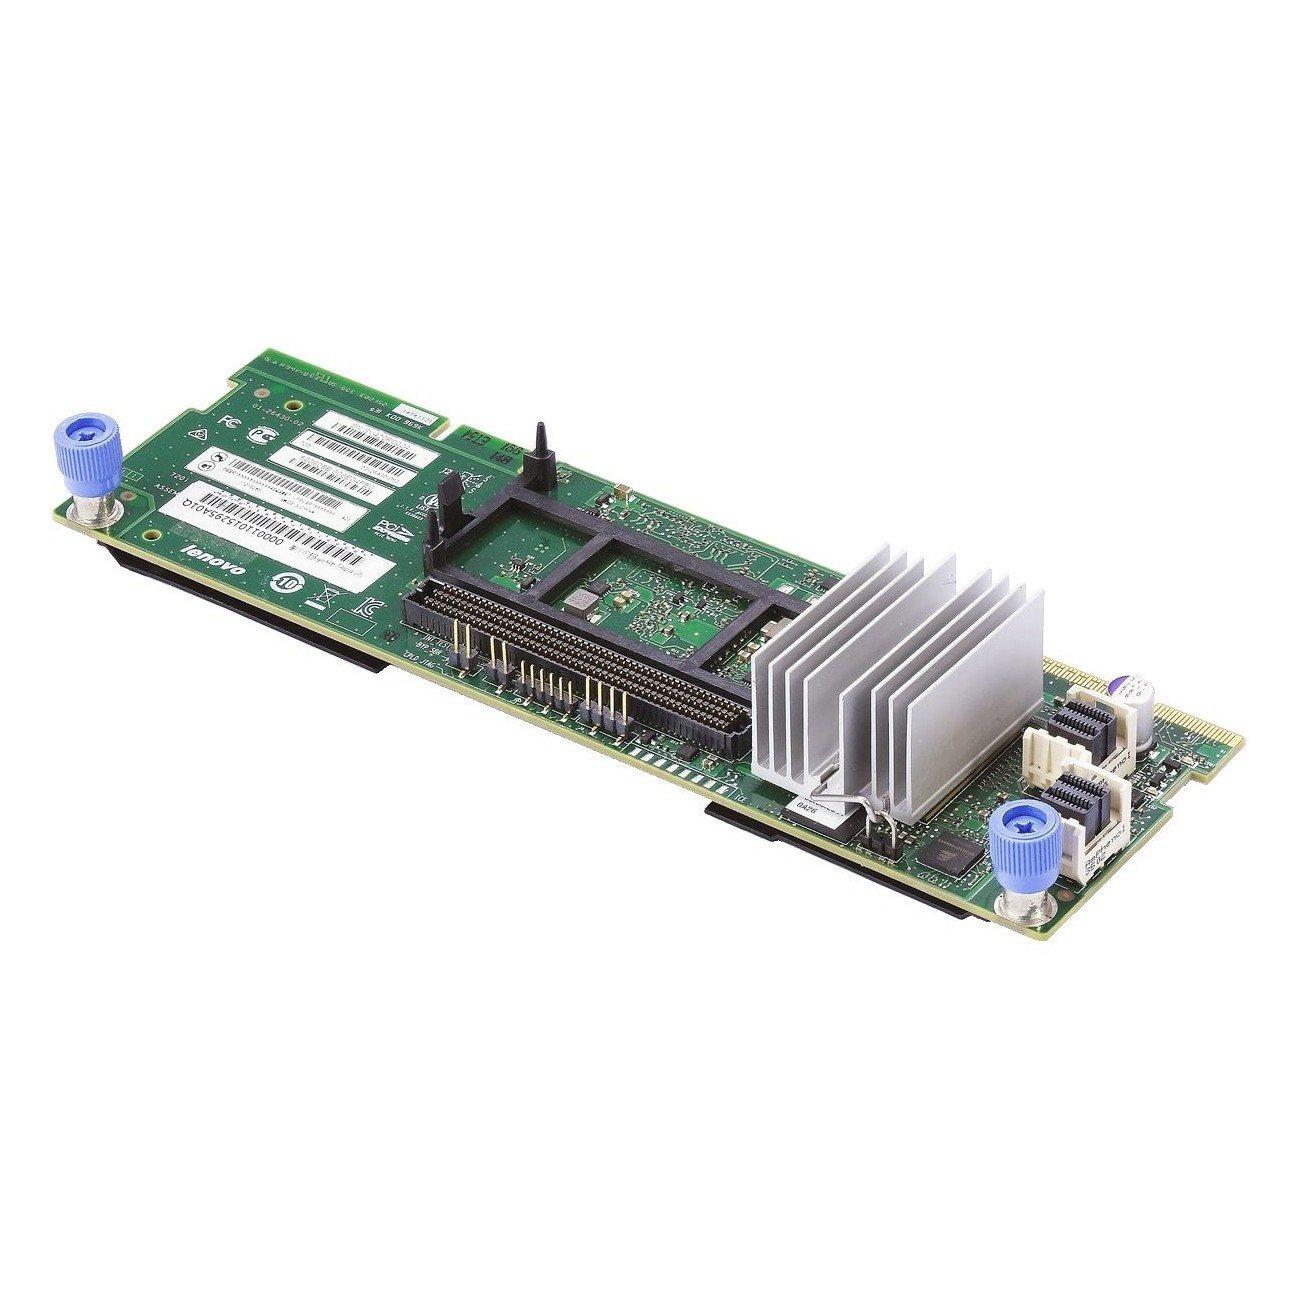 Lenovo SAS Controller - 12Gb/s SAS - PCI Express 3.0 x8 - Plug-in Card